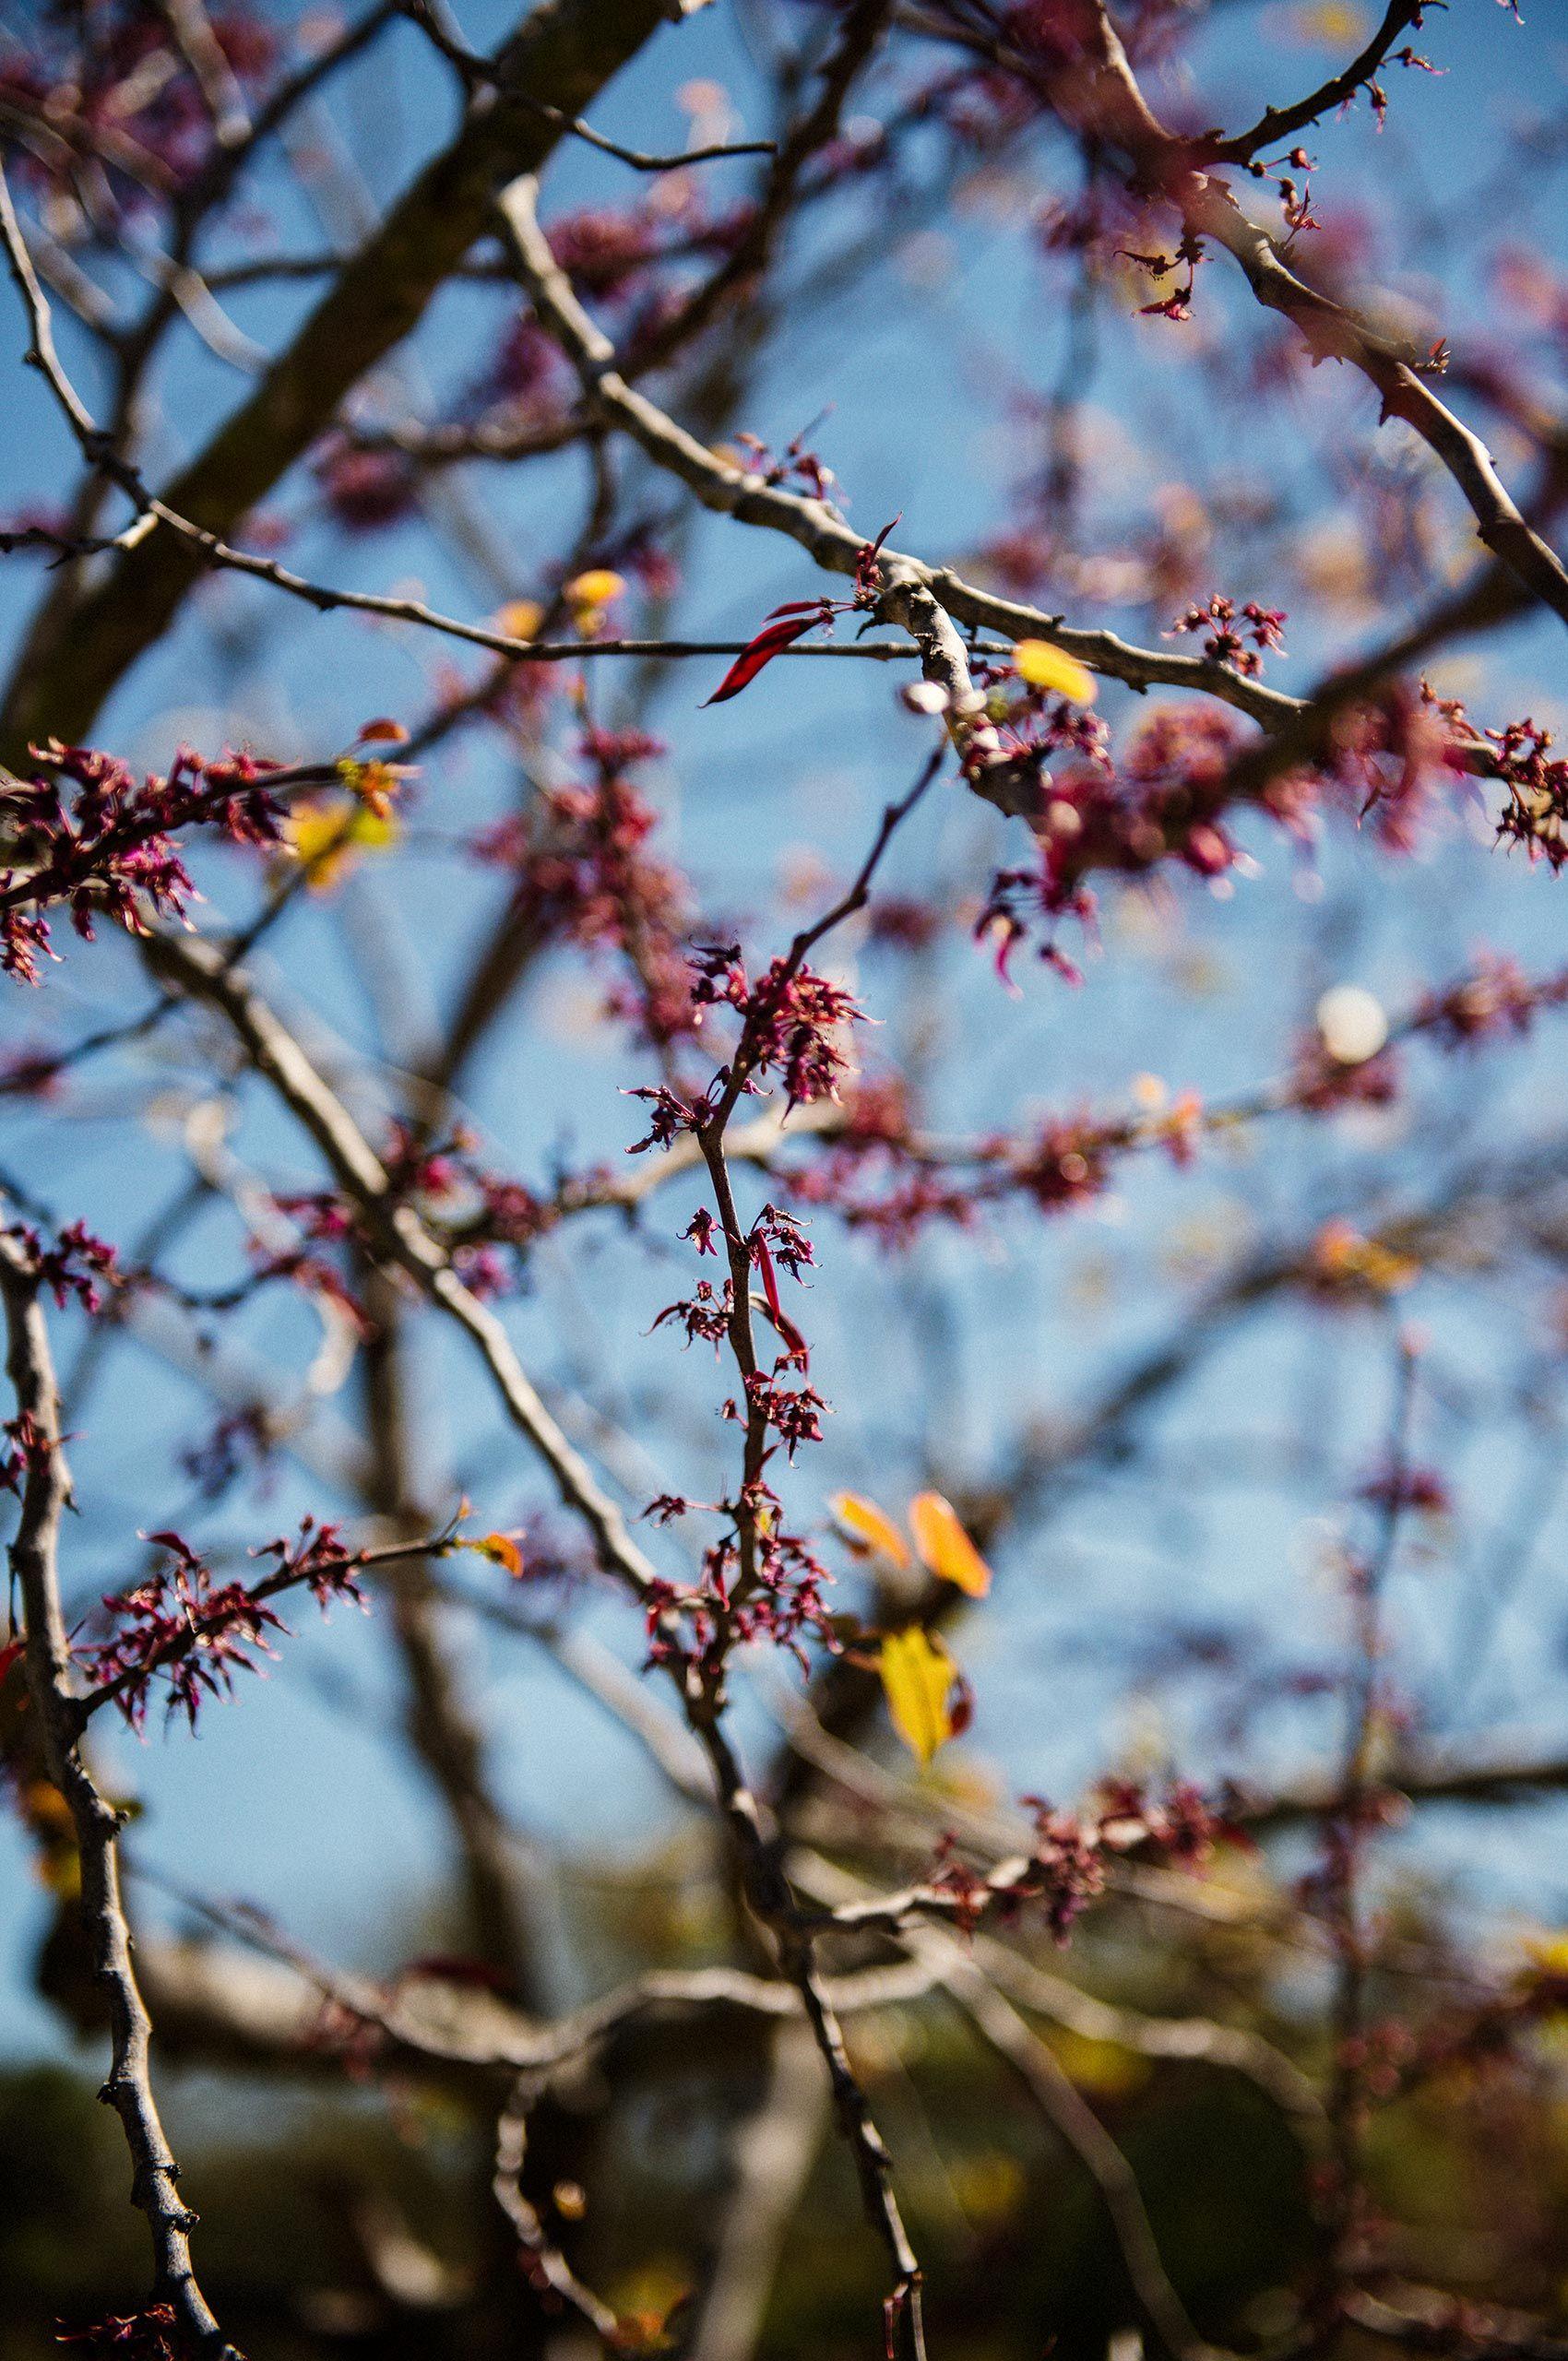 Spring-buds-HenrikOlundPhotography.jpg